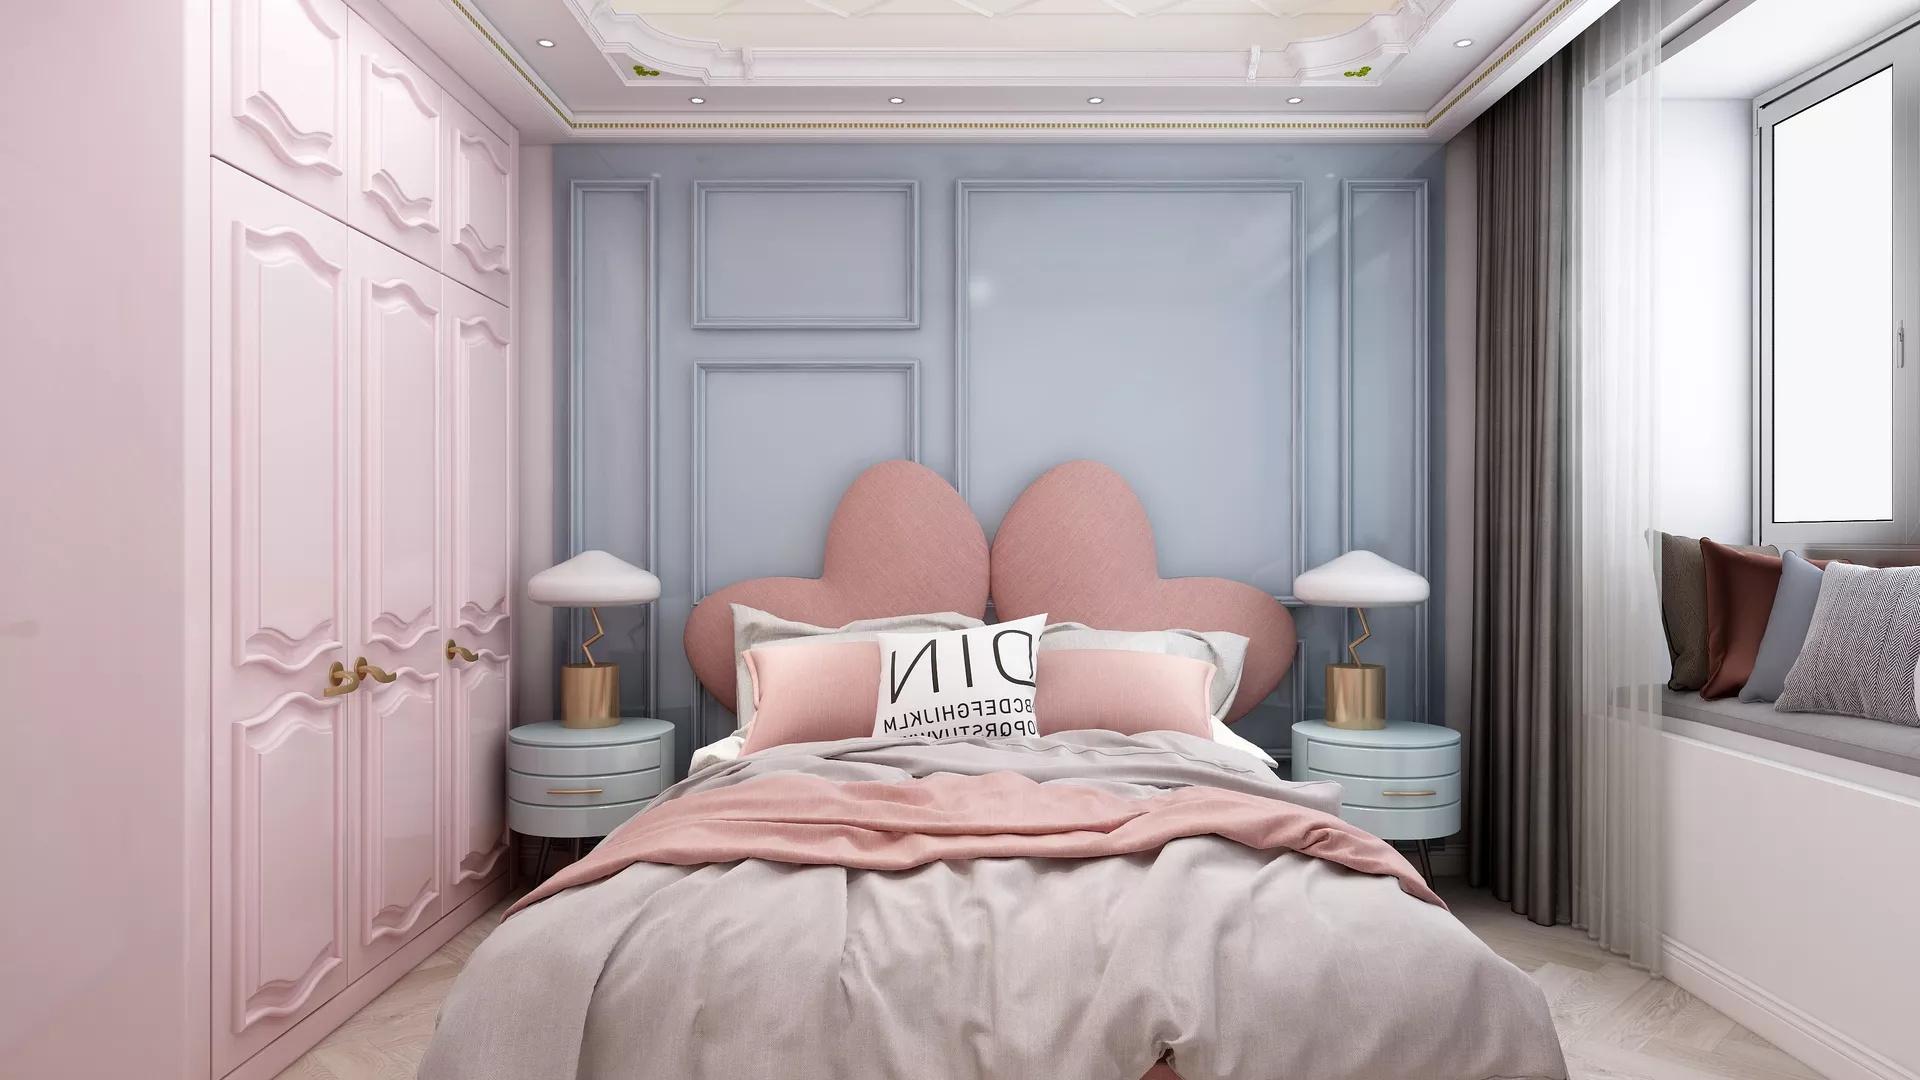 卧室睡床是软床好还是硬床好?